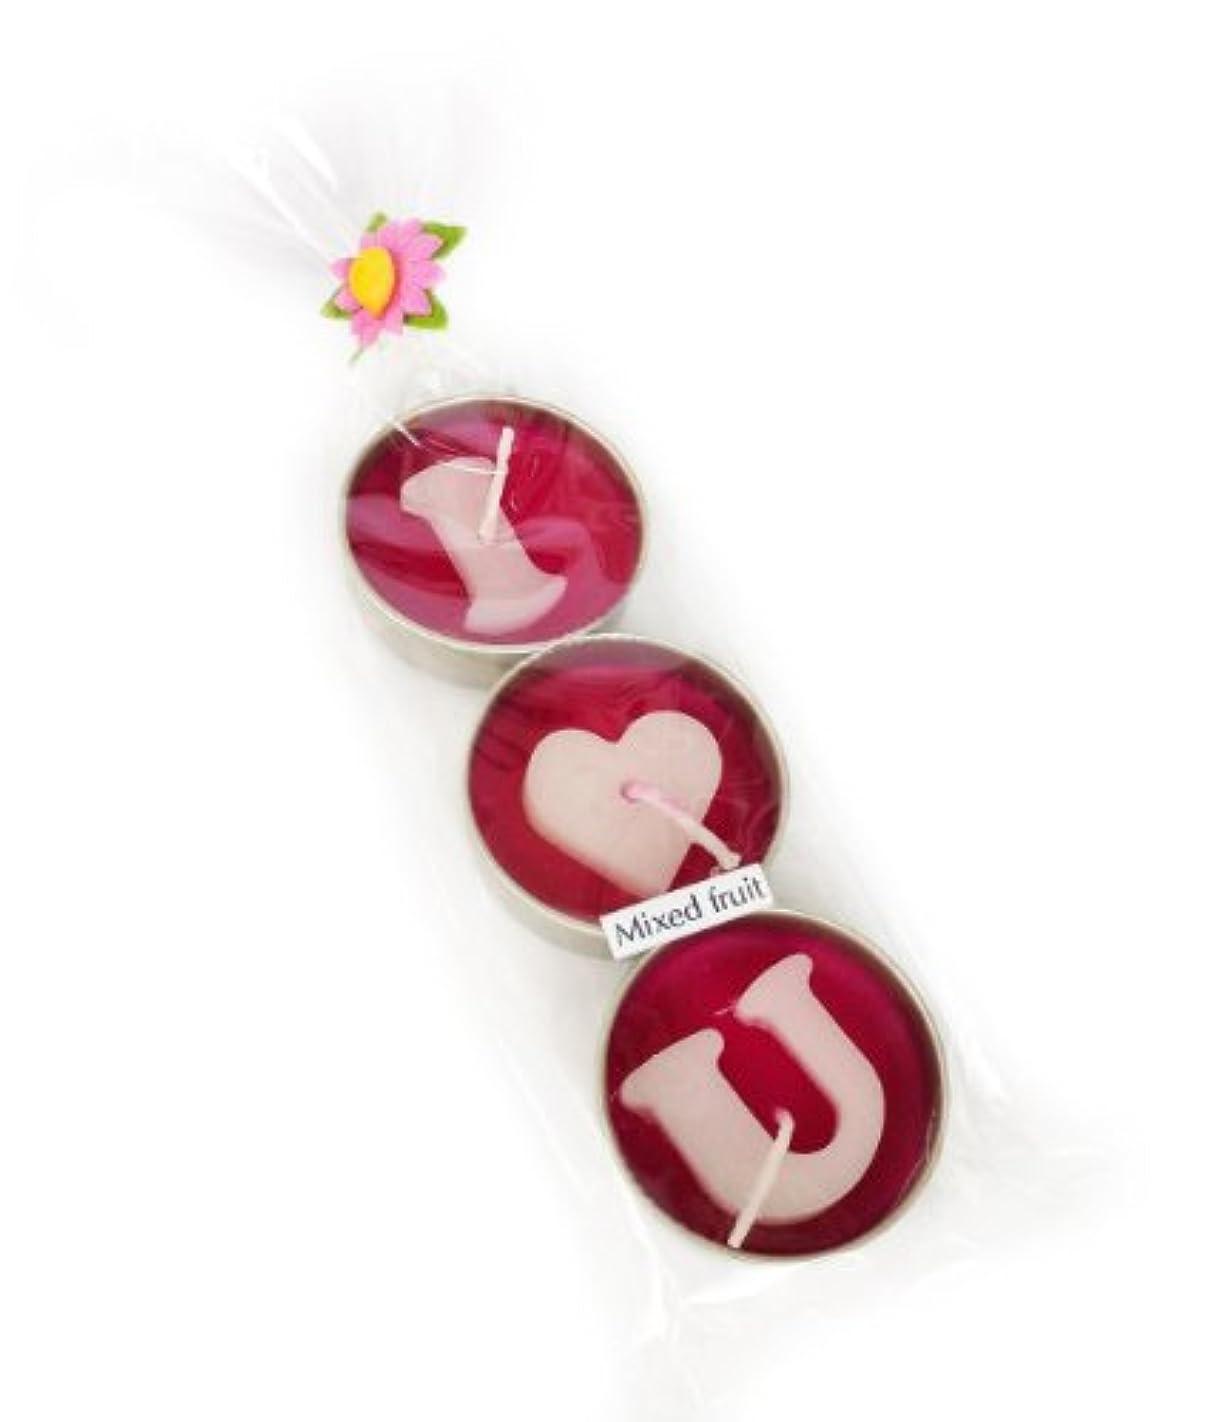 アロマキャンドル/ラブキャンドル/ILoveU/モーク/ロウソク/ろうそ/1パック3個入り/(1Pack  3pc I love U Candle) (Mixed Fruit)